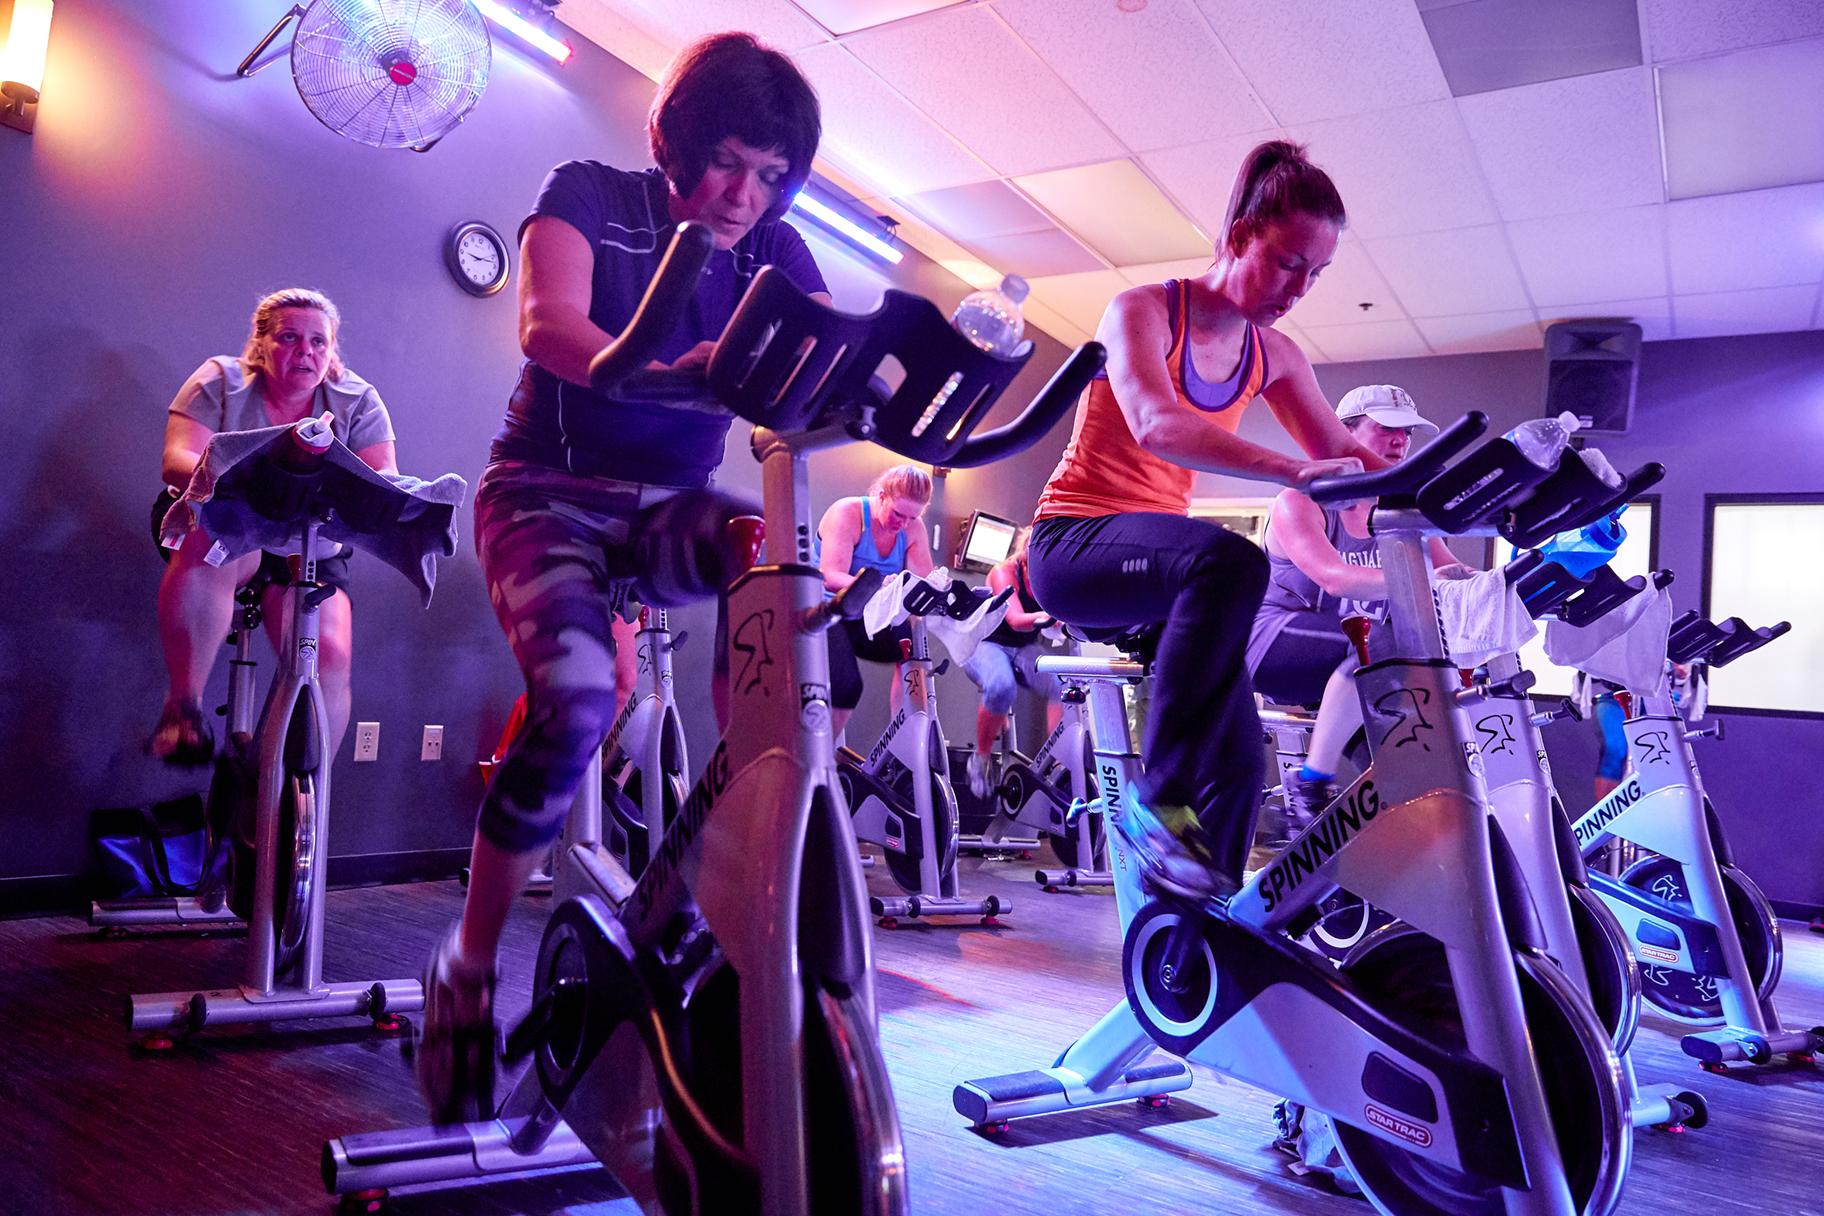 CYCLE STUDIO -